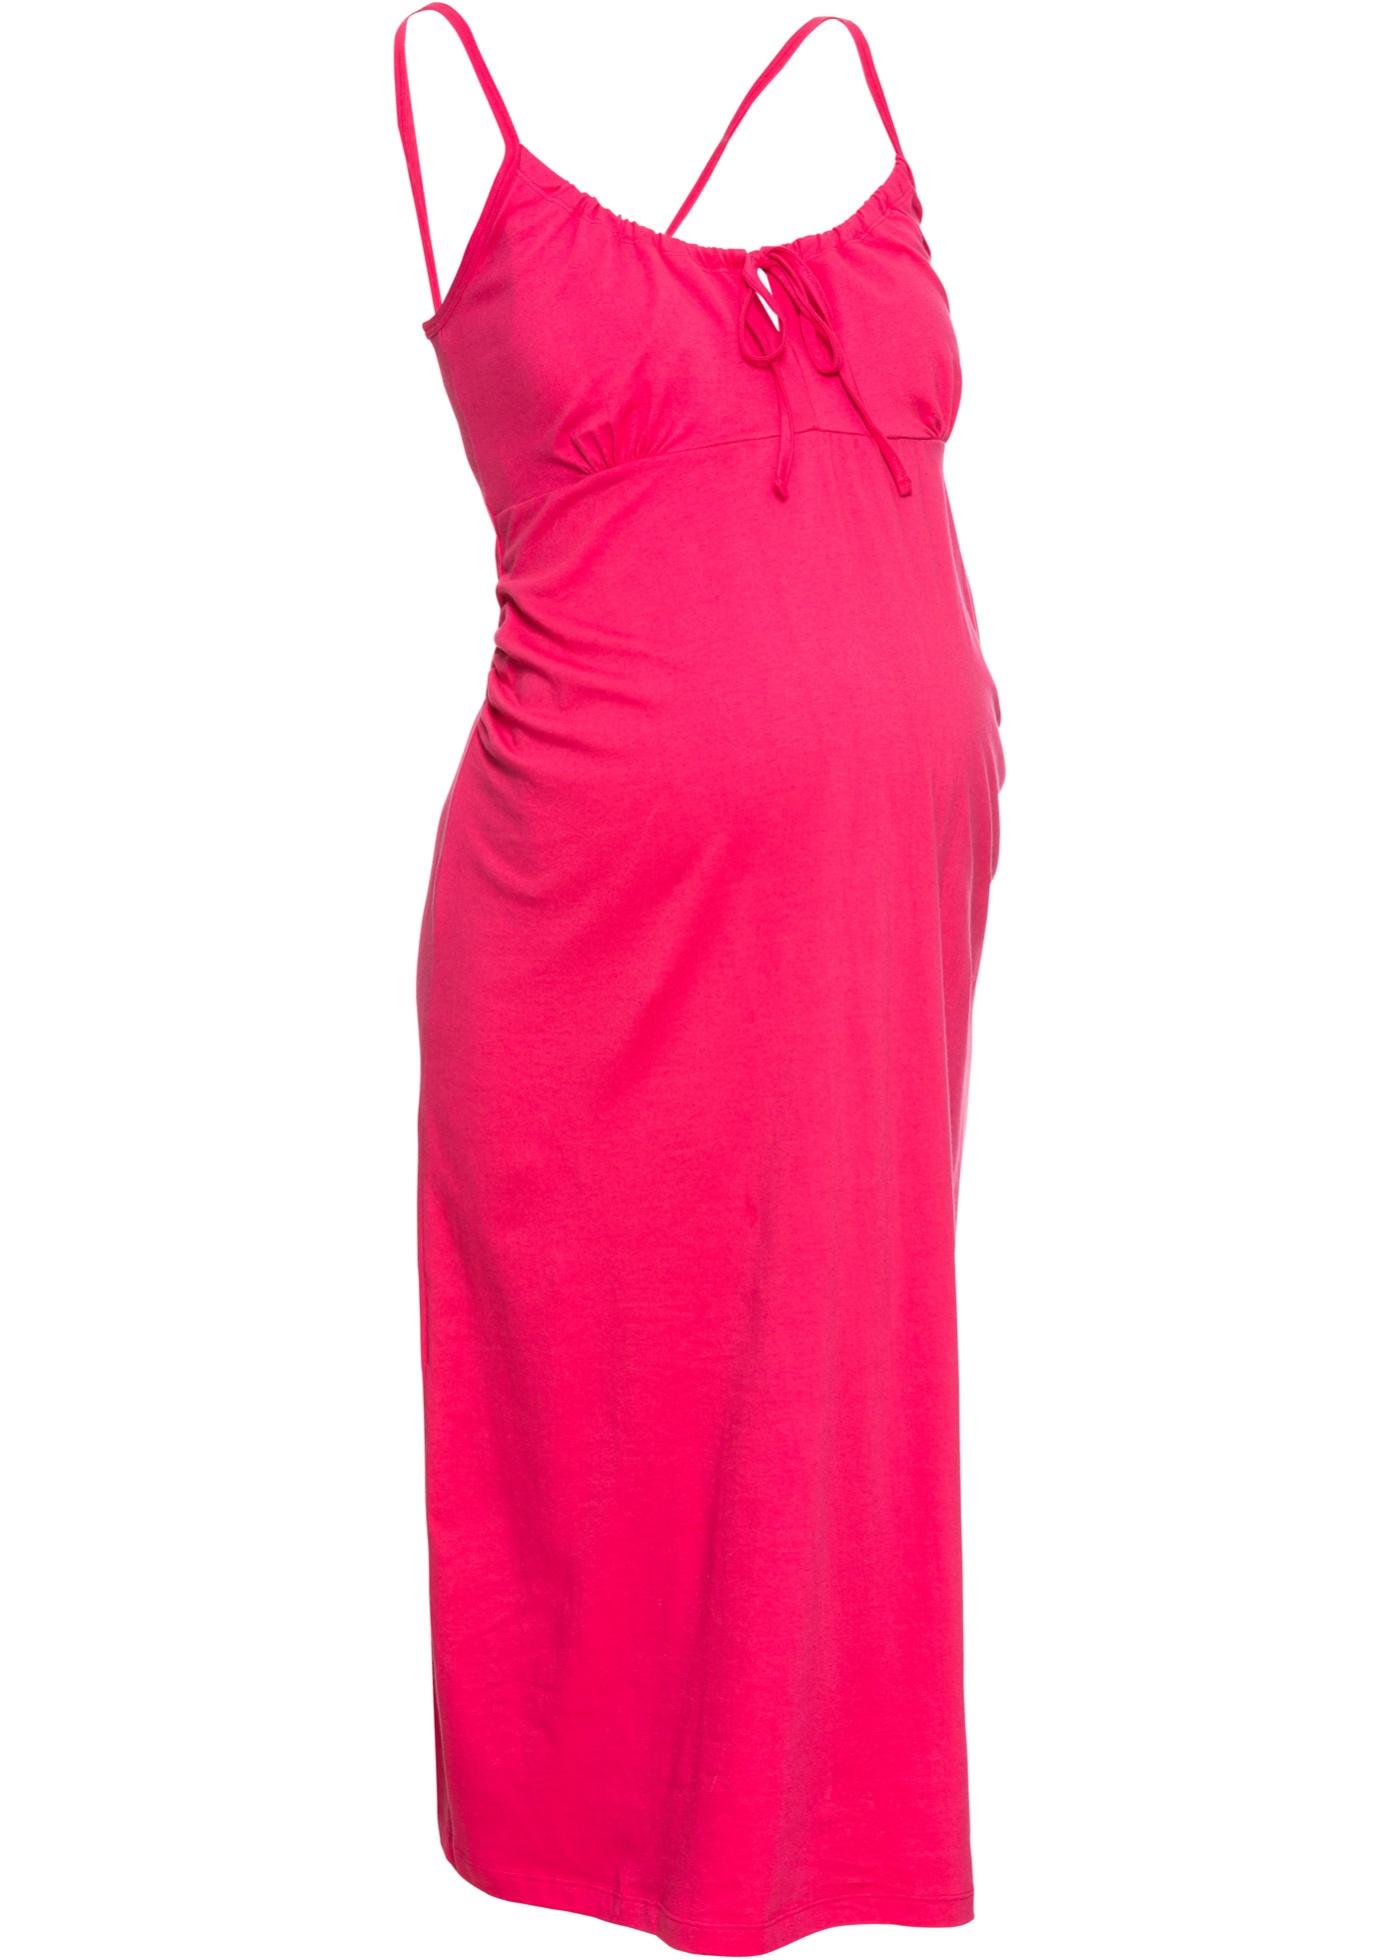 Camicia da notte per l'allattamento con spalline sottili (Fucsia) - bpc bonprix collection - Nice Size